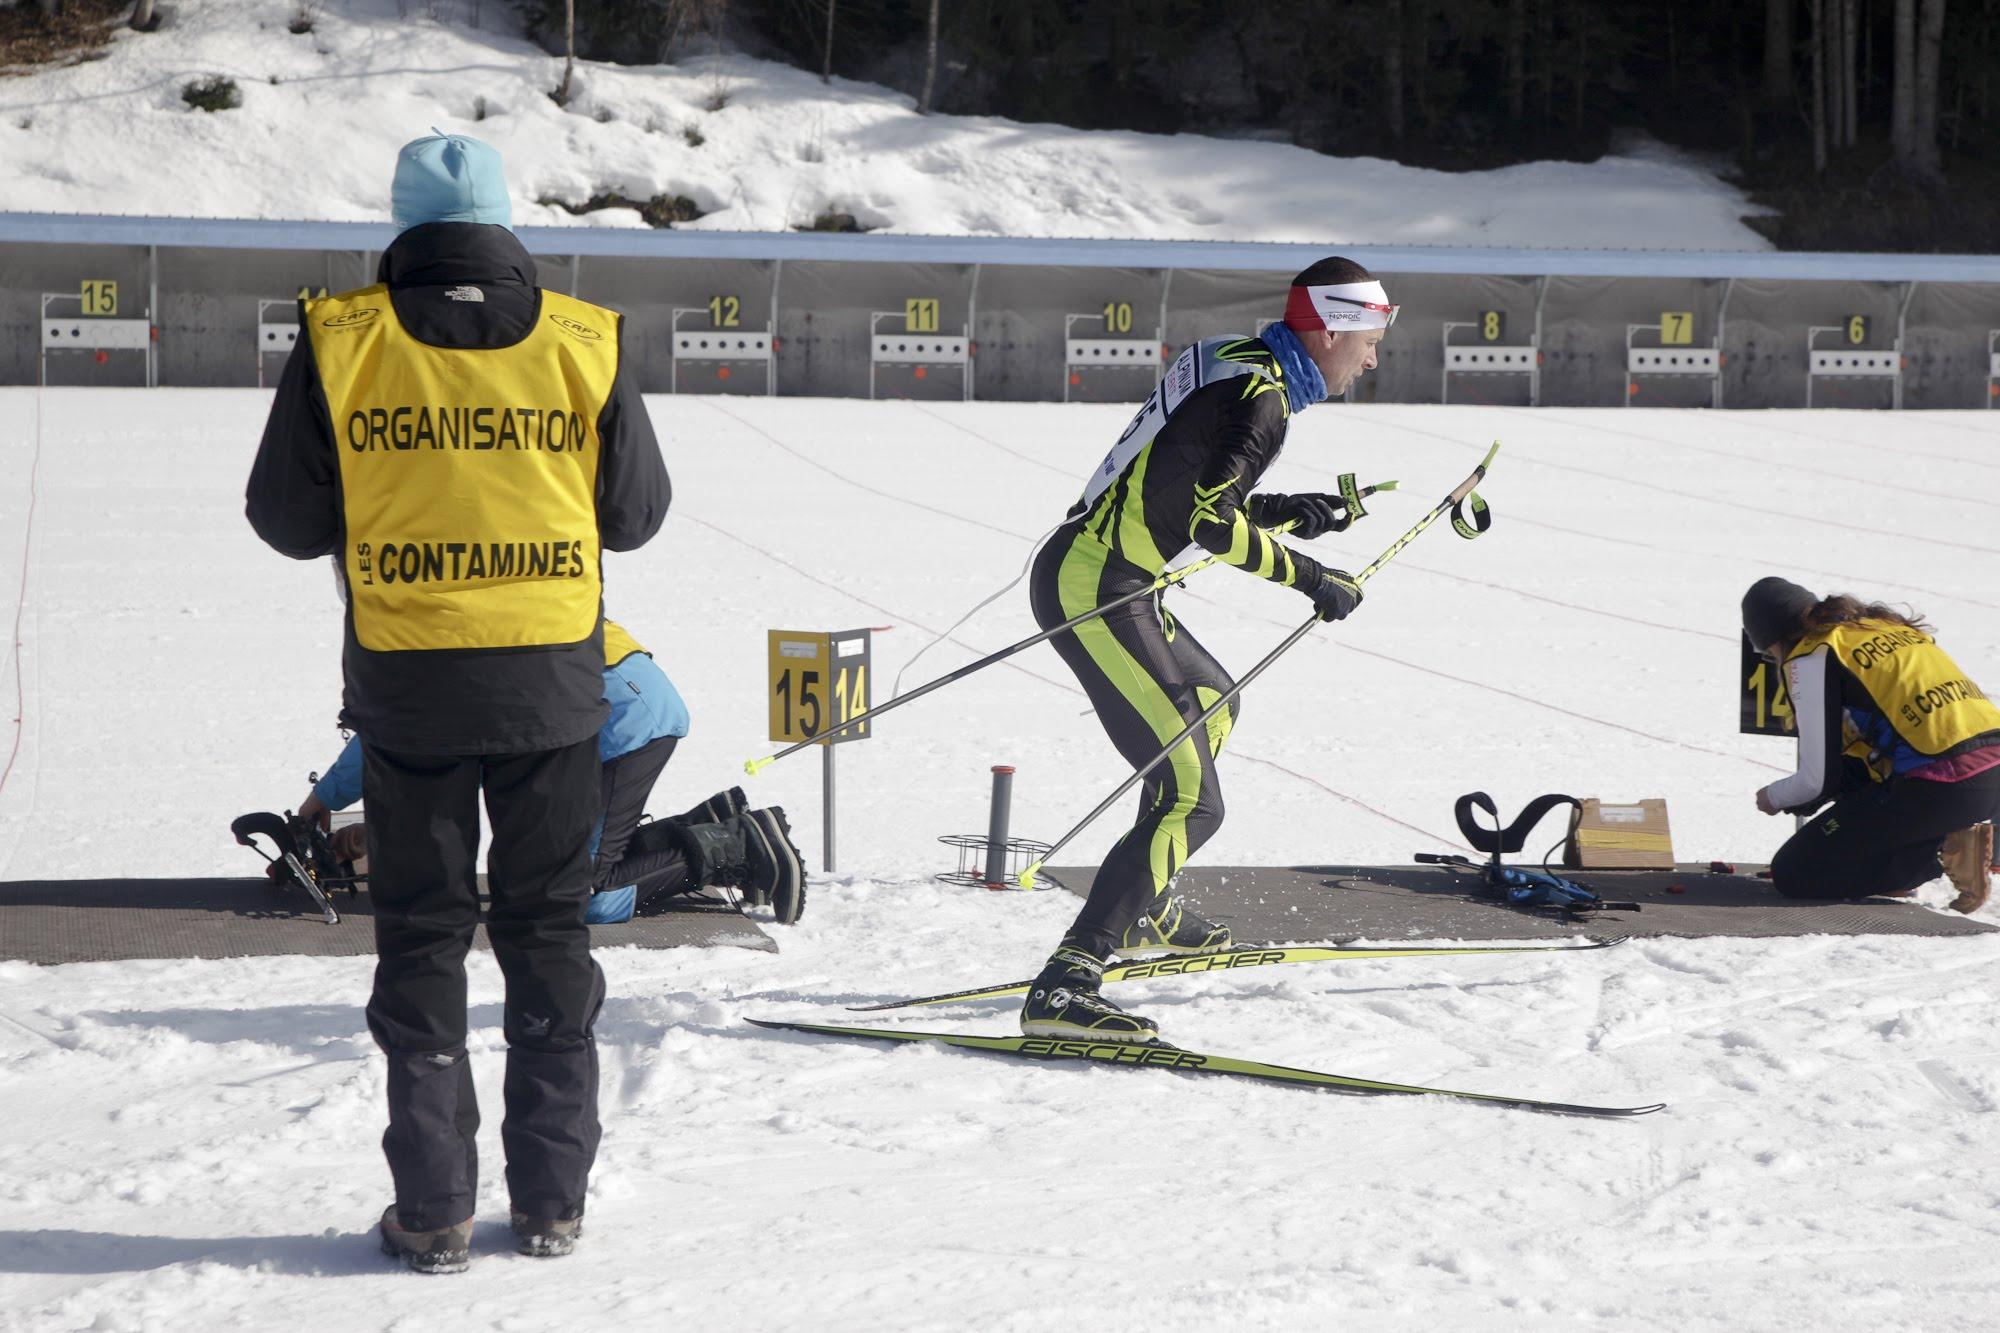 180224-BiathlonImpulse-Contamines-067